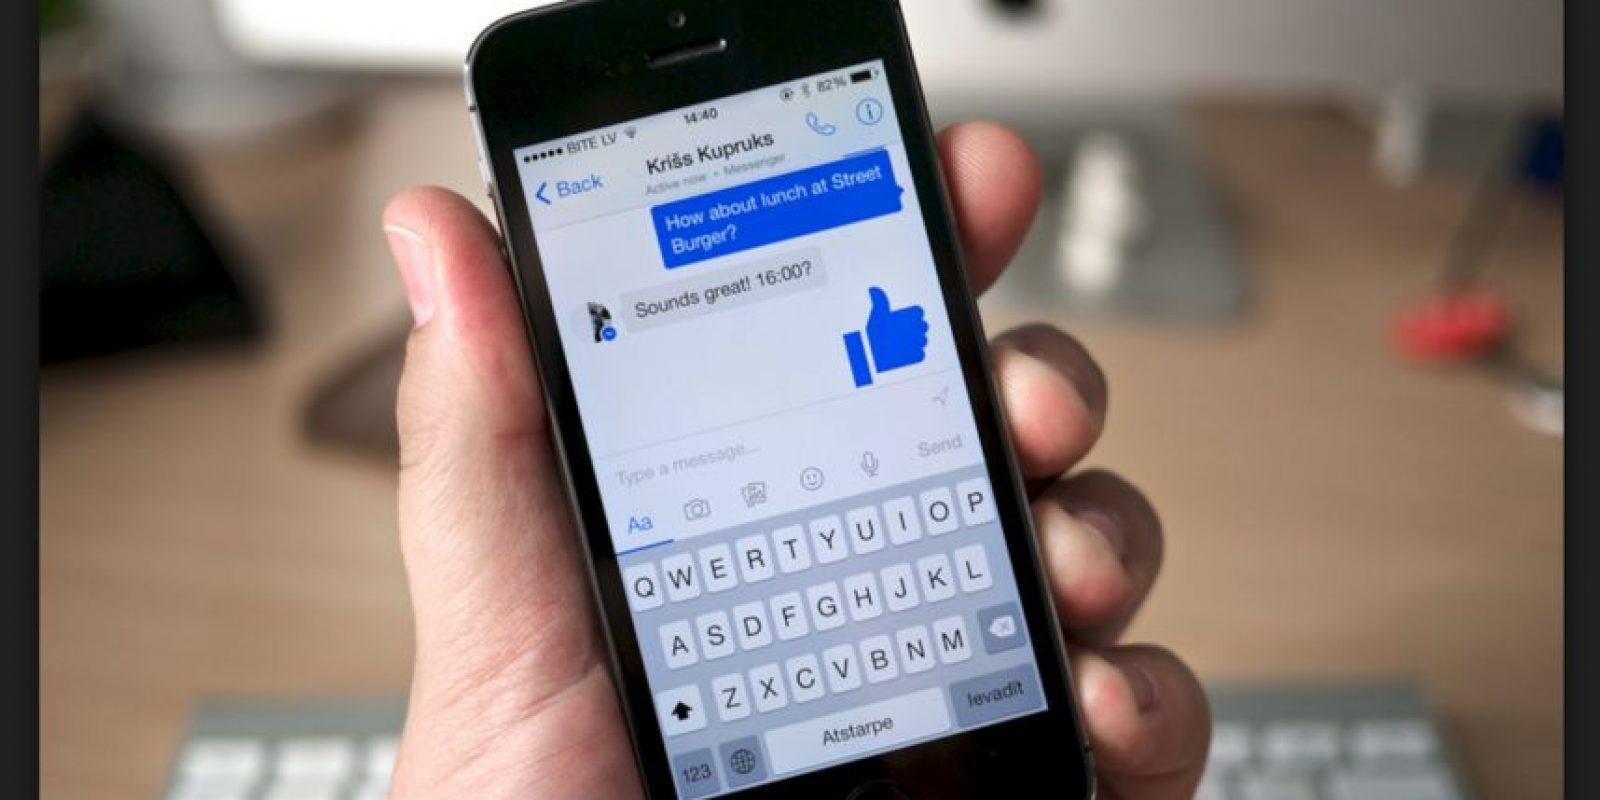 Messenger de Facebook también ha mostrado muchas actualizaciones recientemente. Foto:Getty